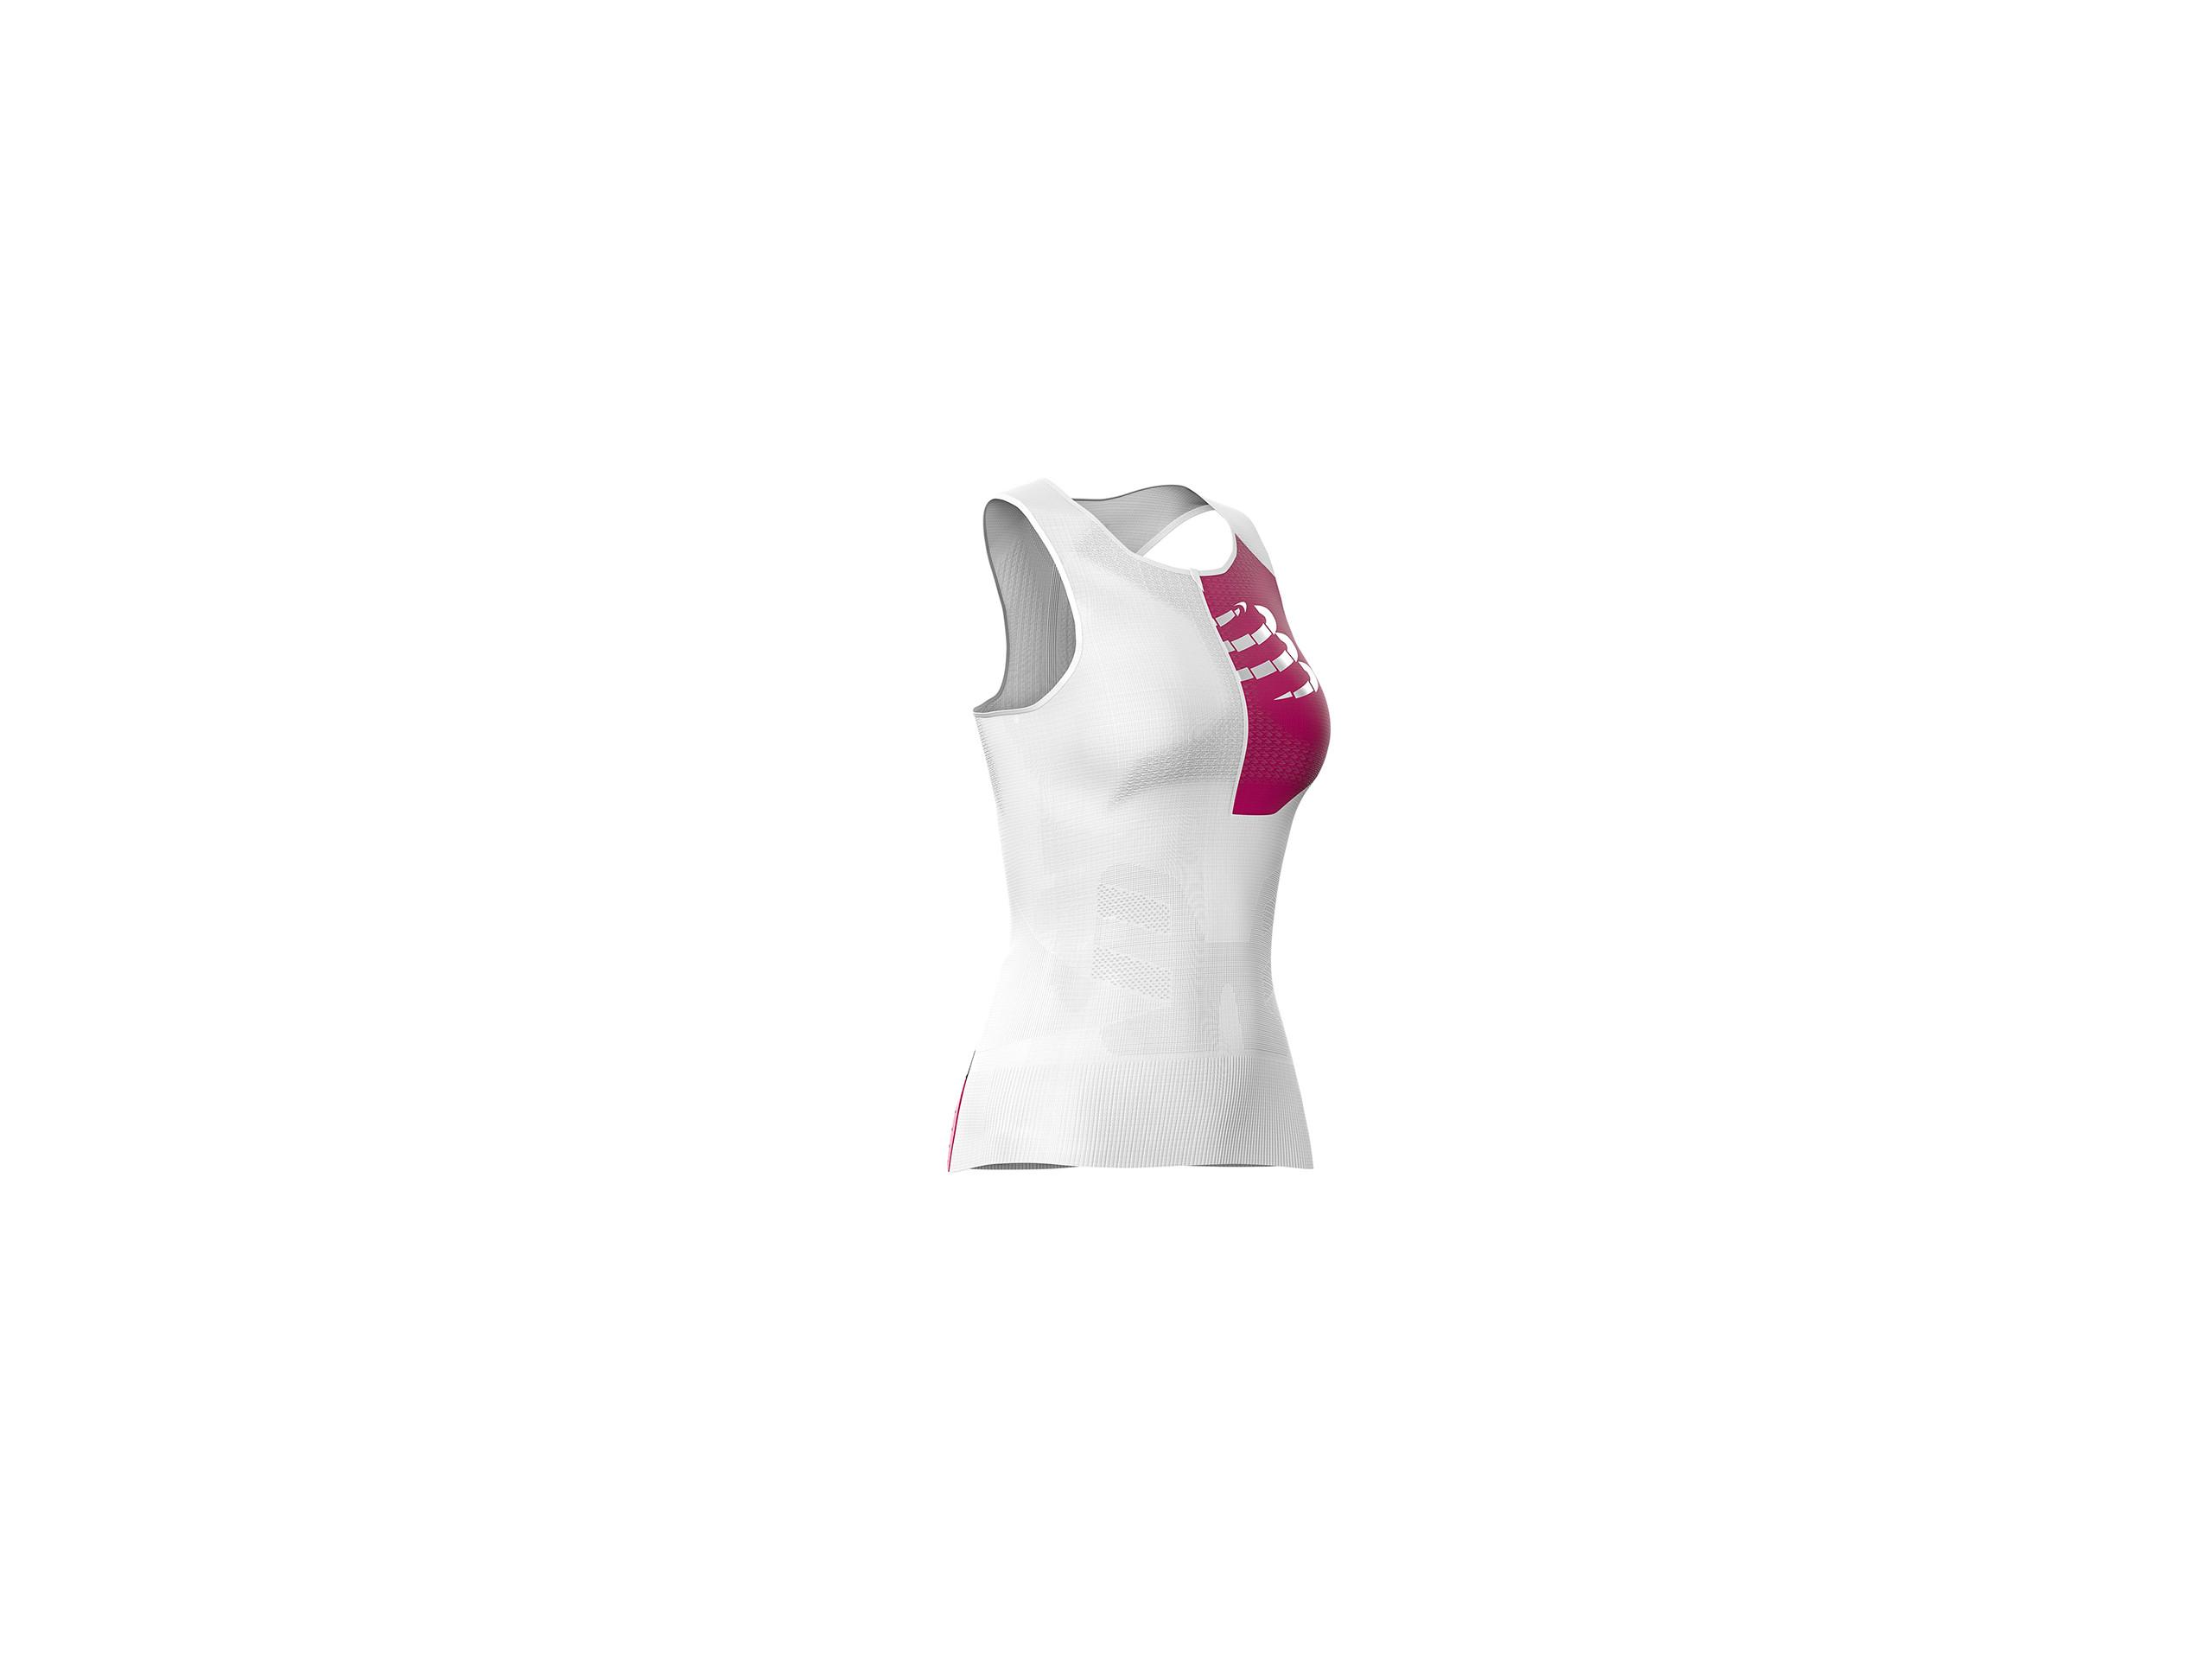 Canotta ultra-posturale da Triathlon W bianca